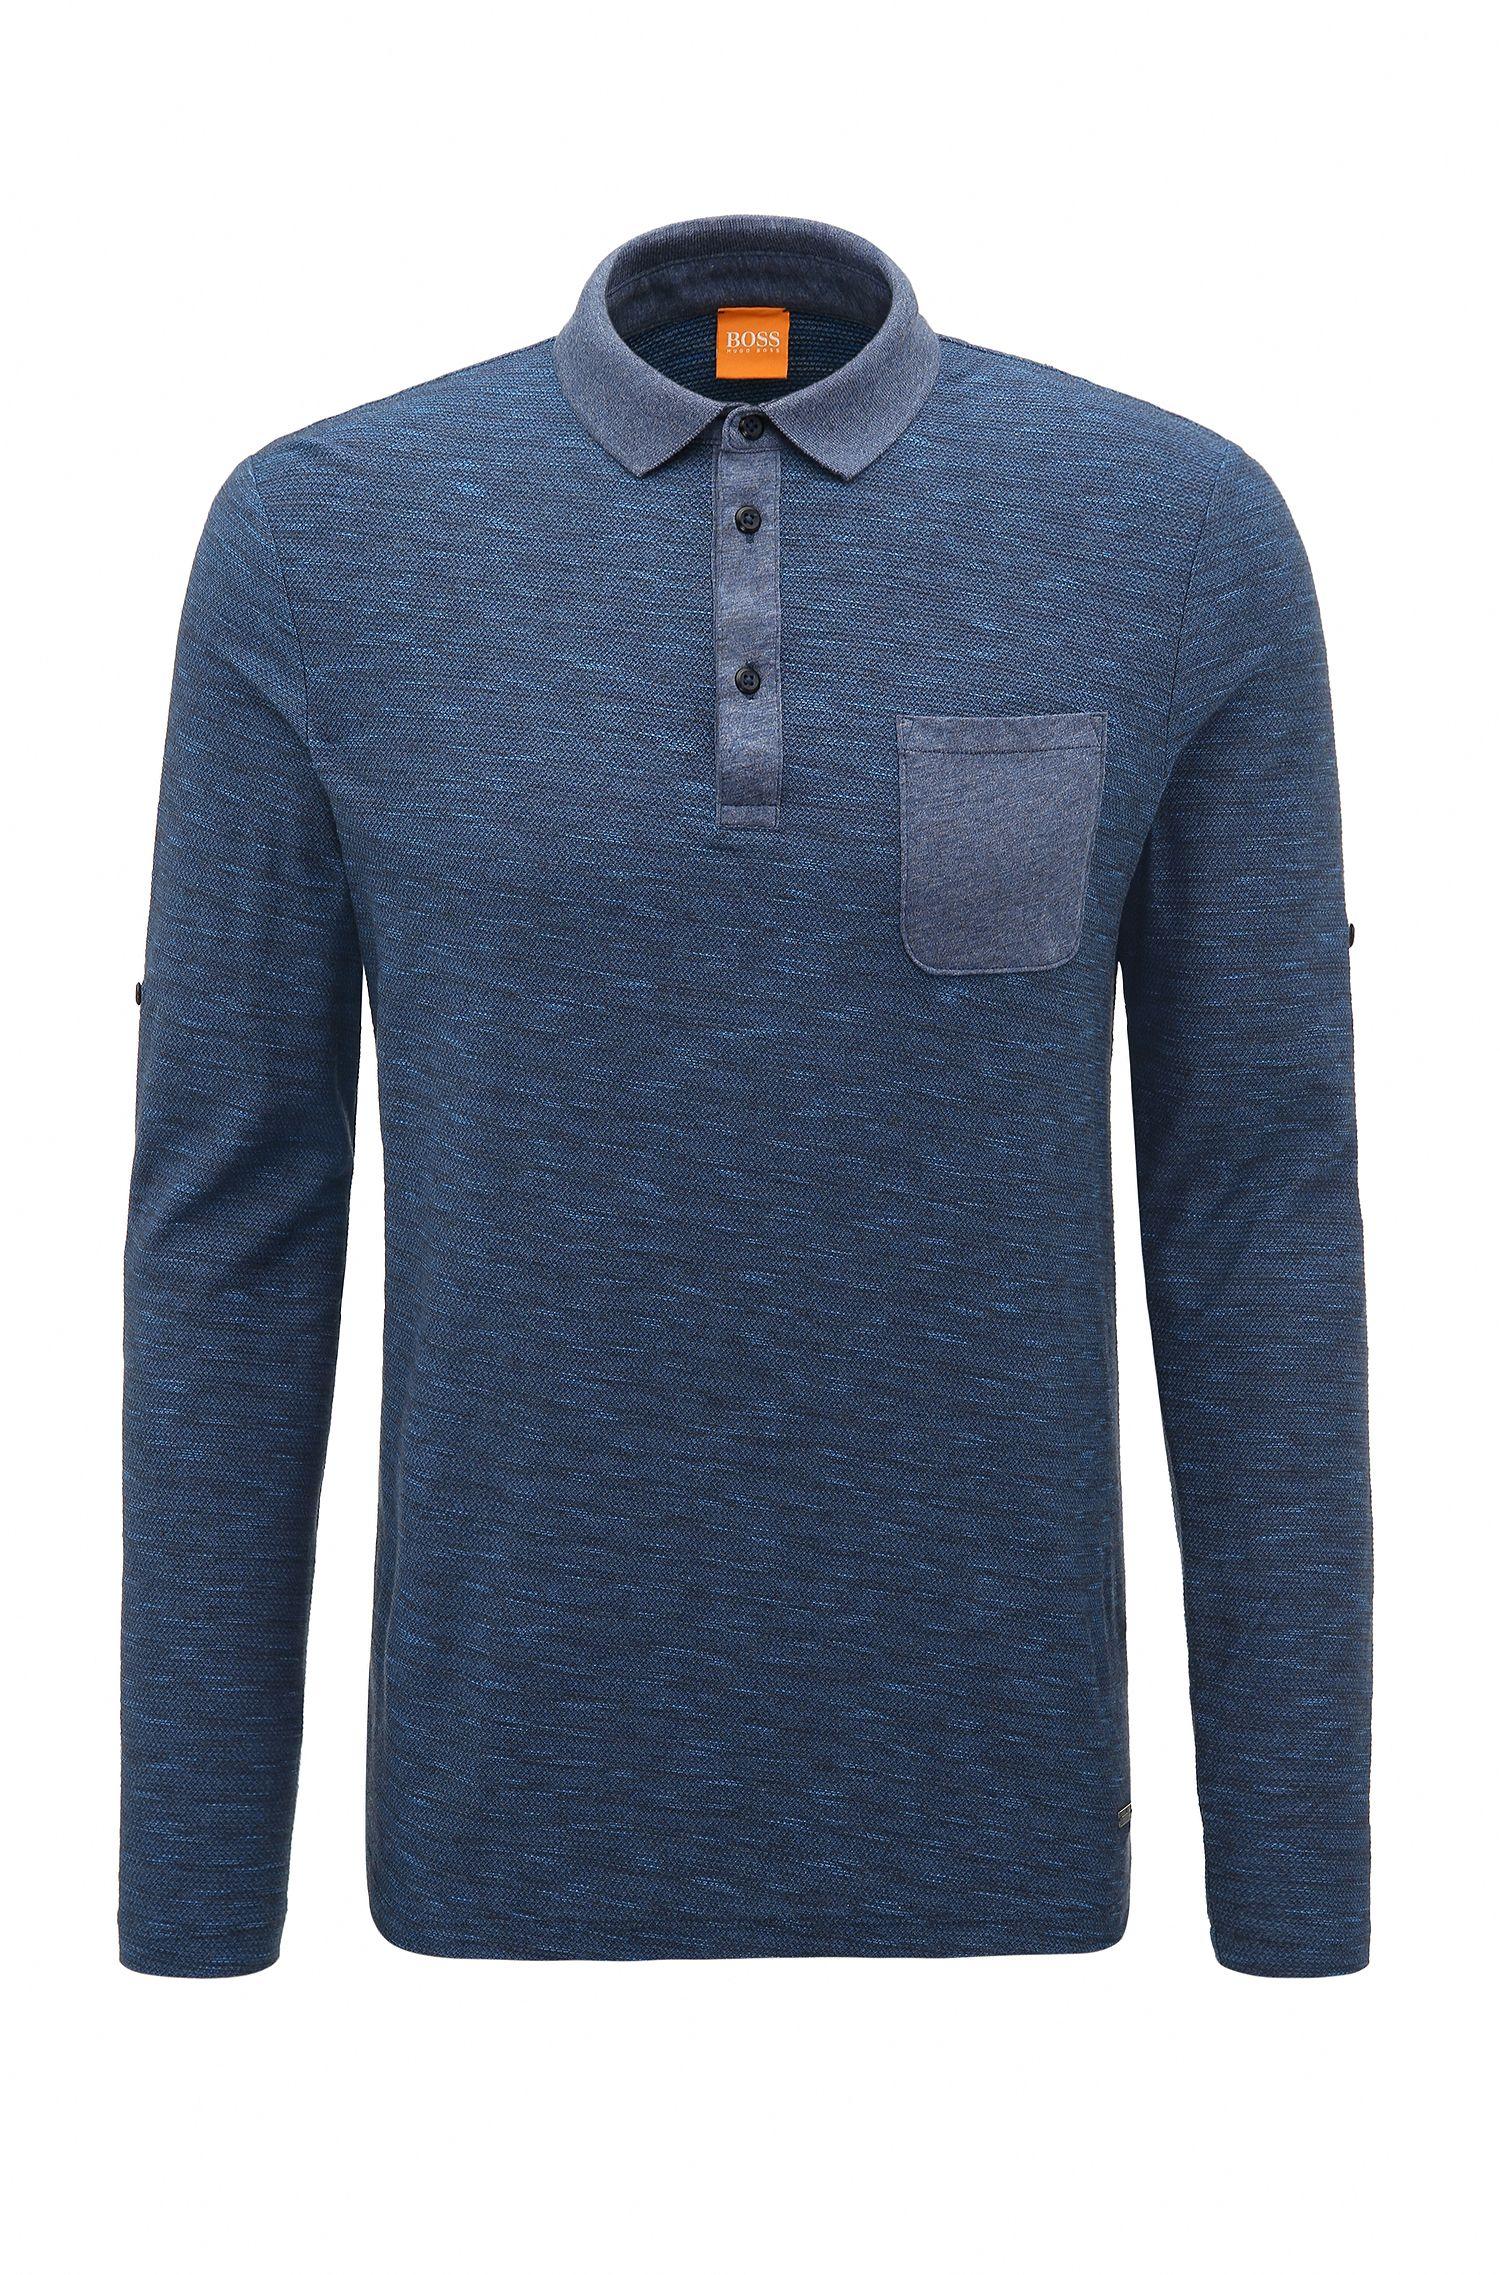 Relaxed-Fit Poloshirt aus Baumwolle mit fixierbaren Ärmeln